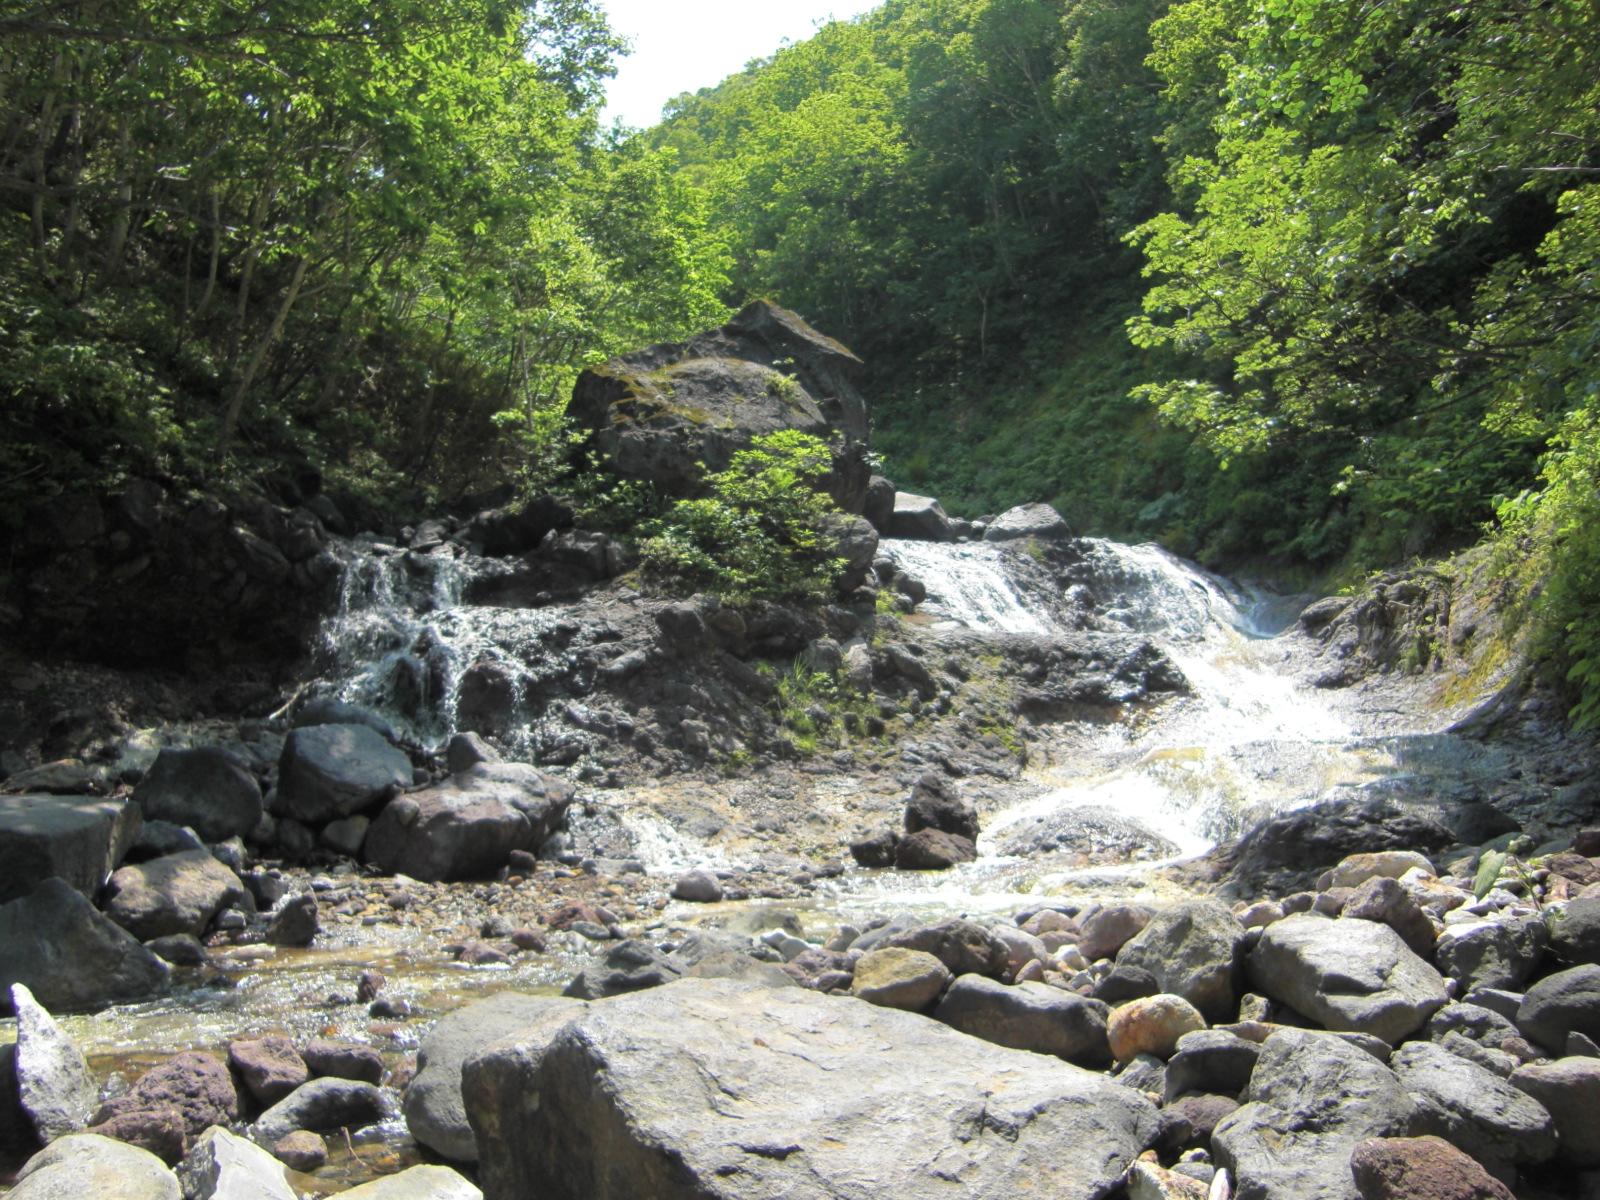 【知床半島での観光タクシー・ジャンボタクシー】カムイワッカの滝観光案内です。